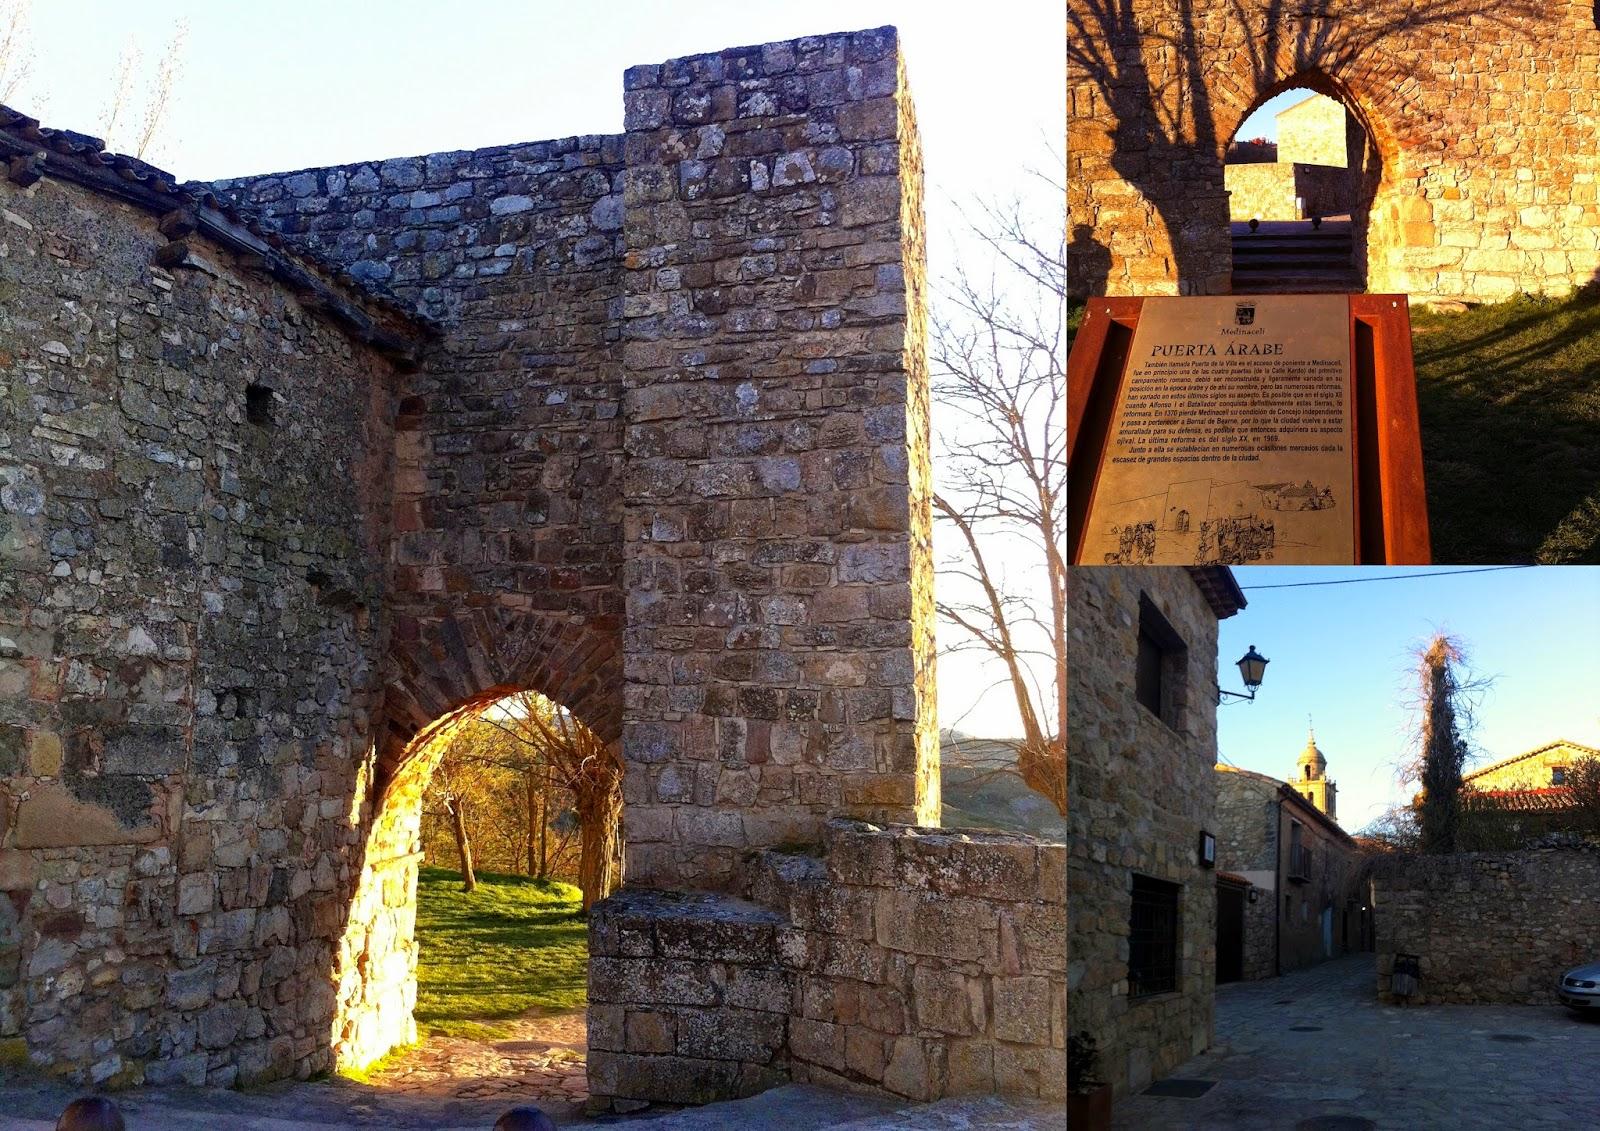 muralla árabe de Medinaceli